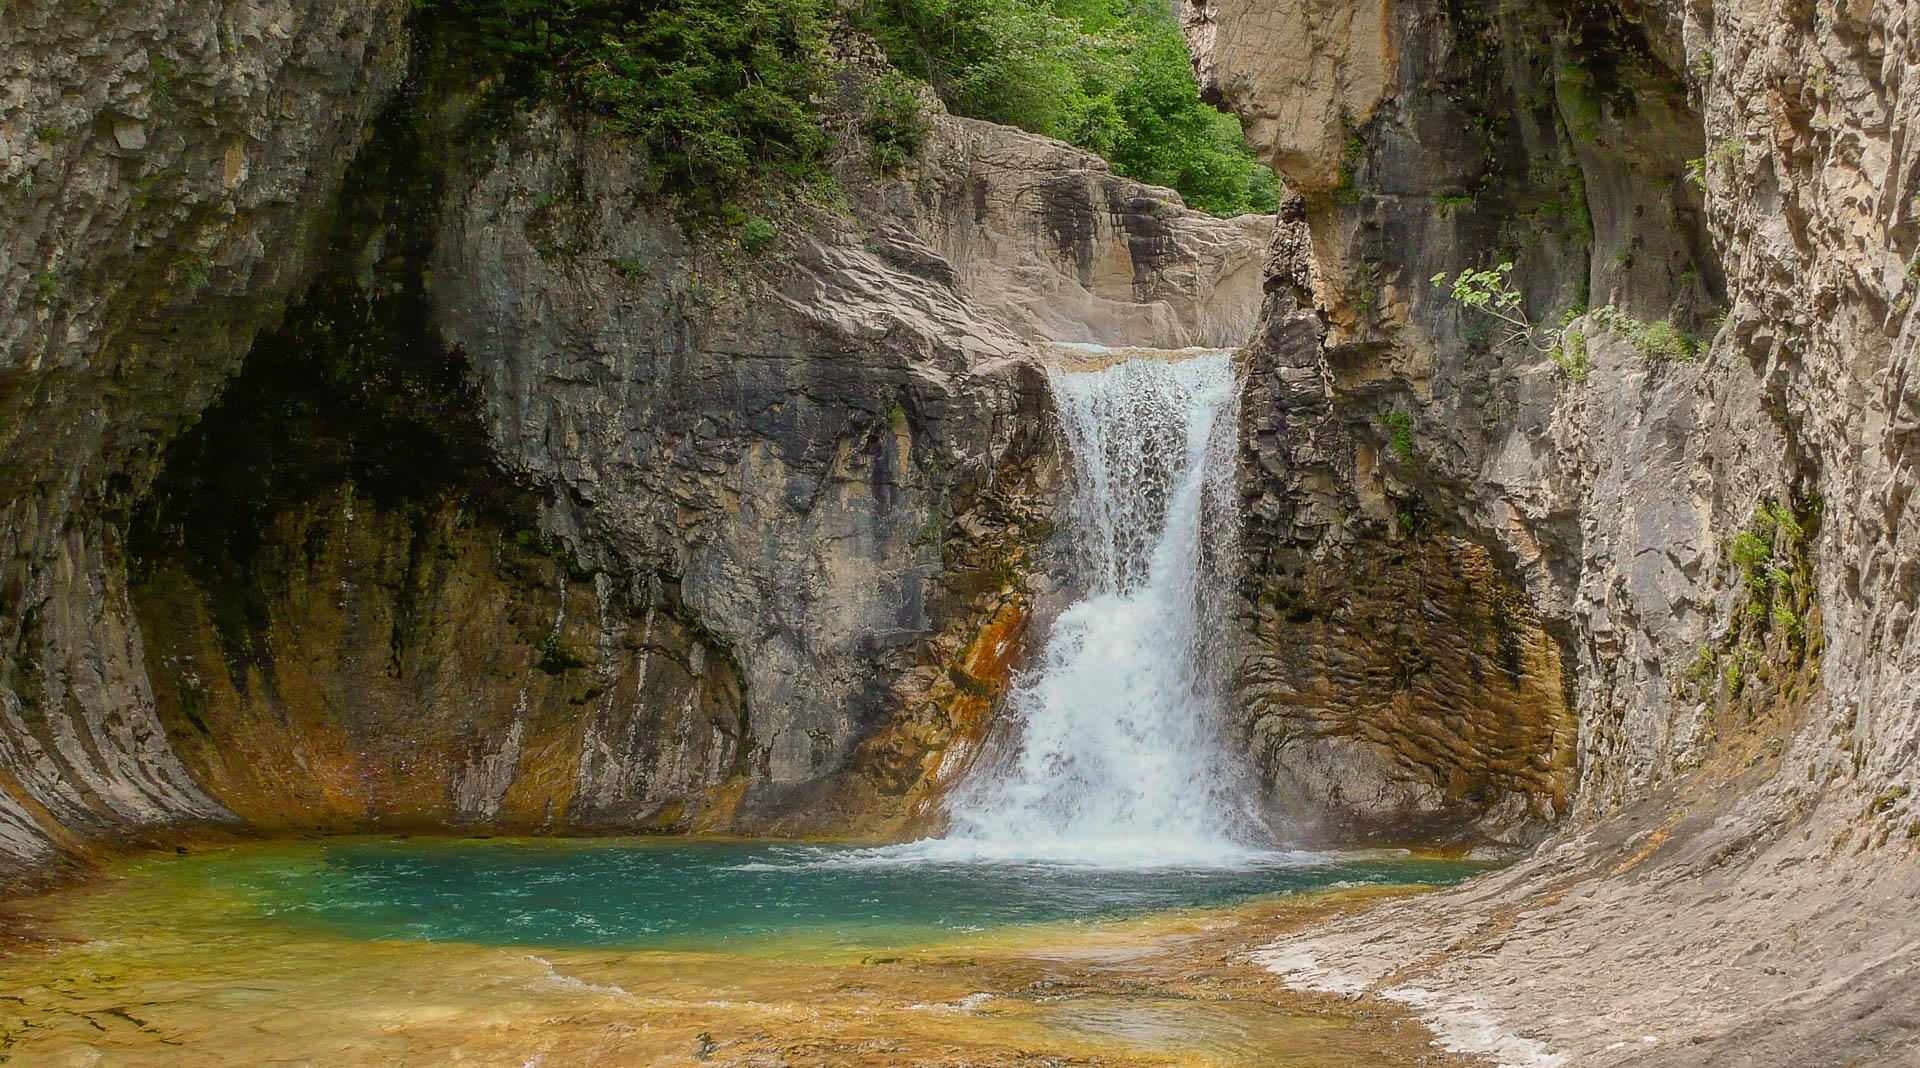 L'un des plus beaux parcours de canyoning des Pyrénées, Lugar Escuain